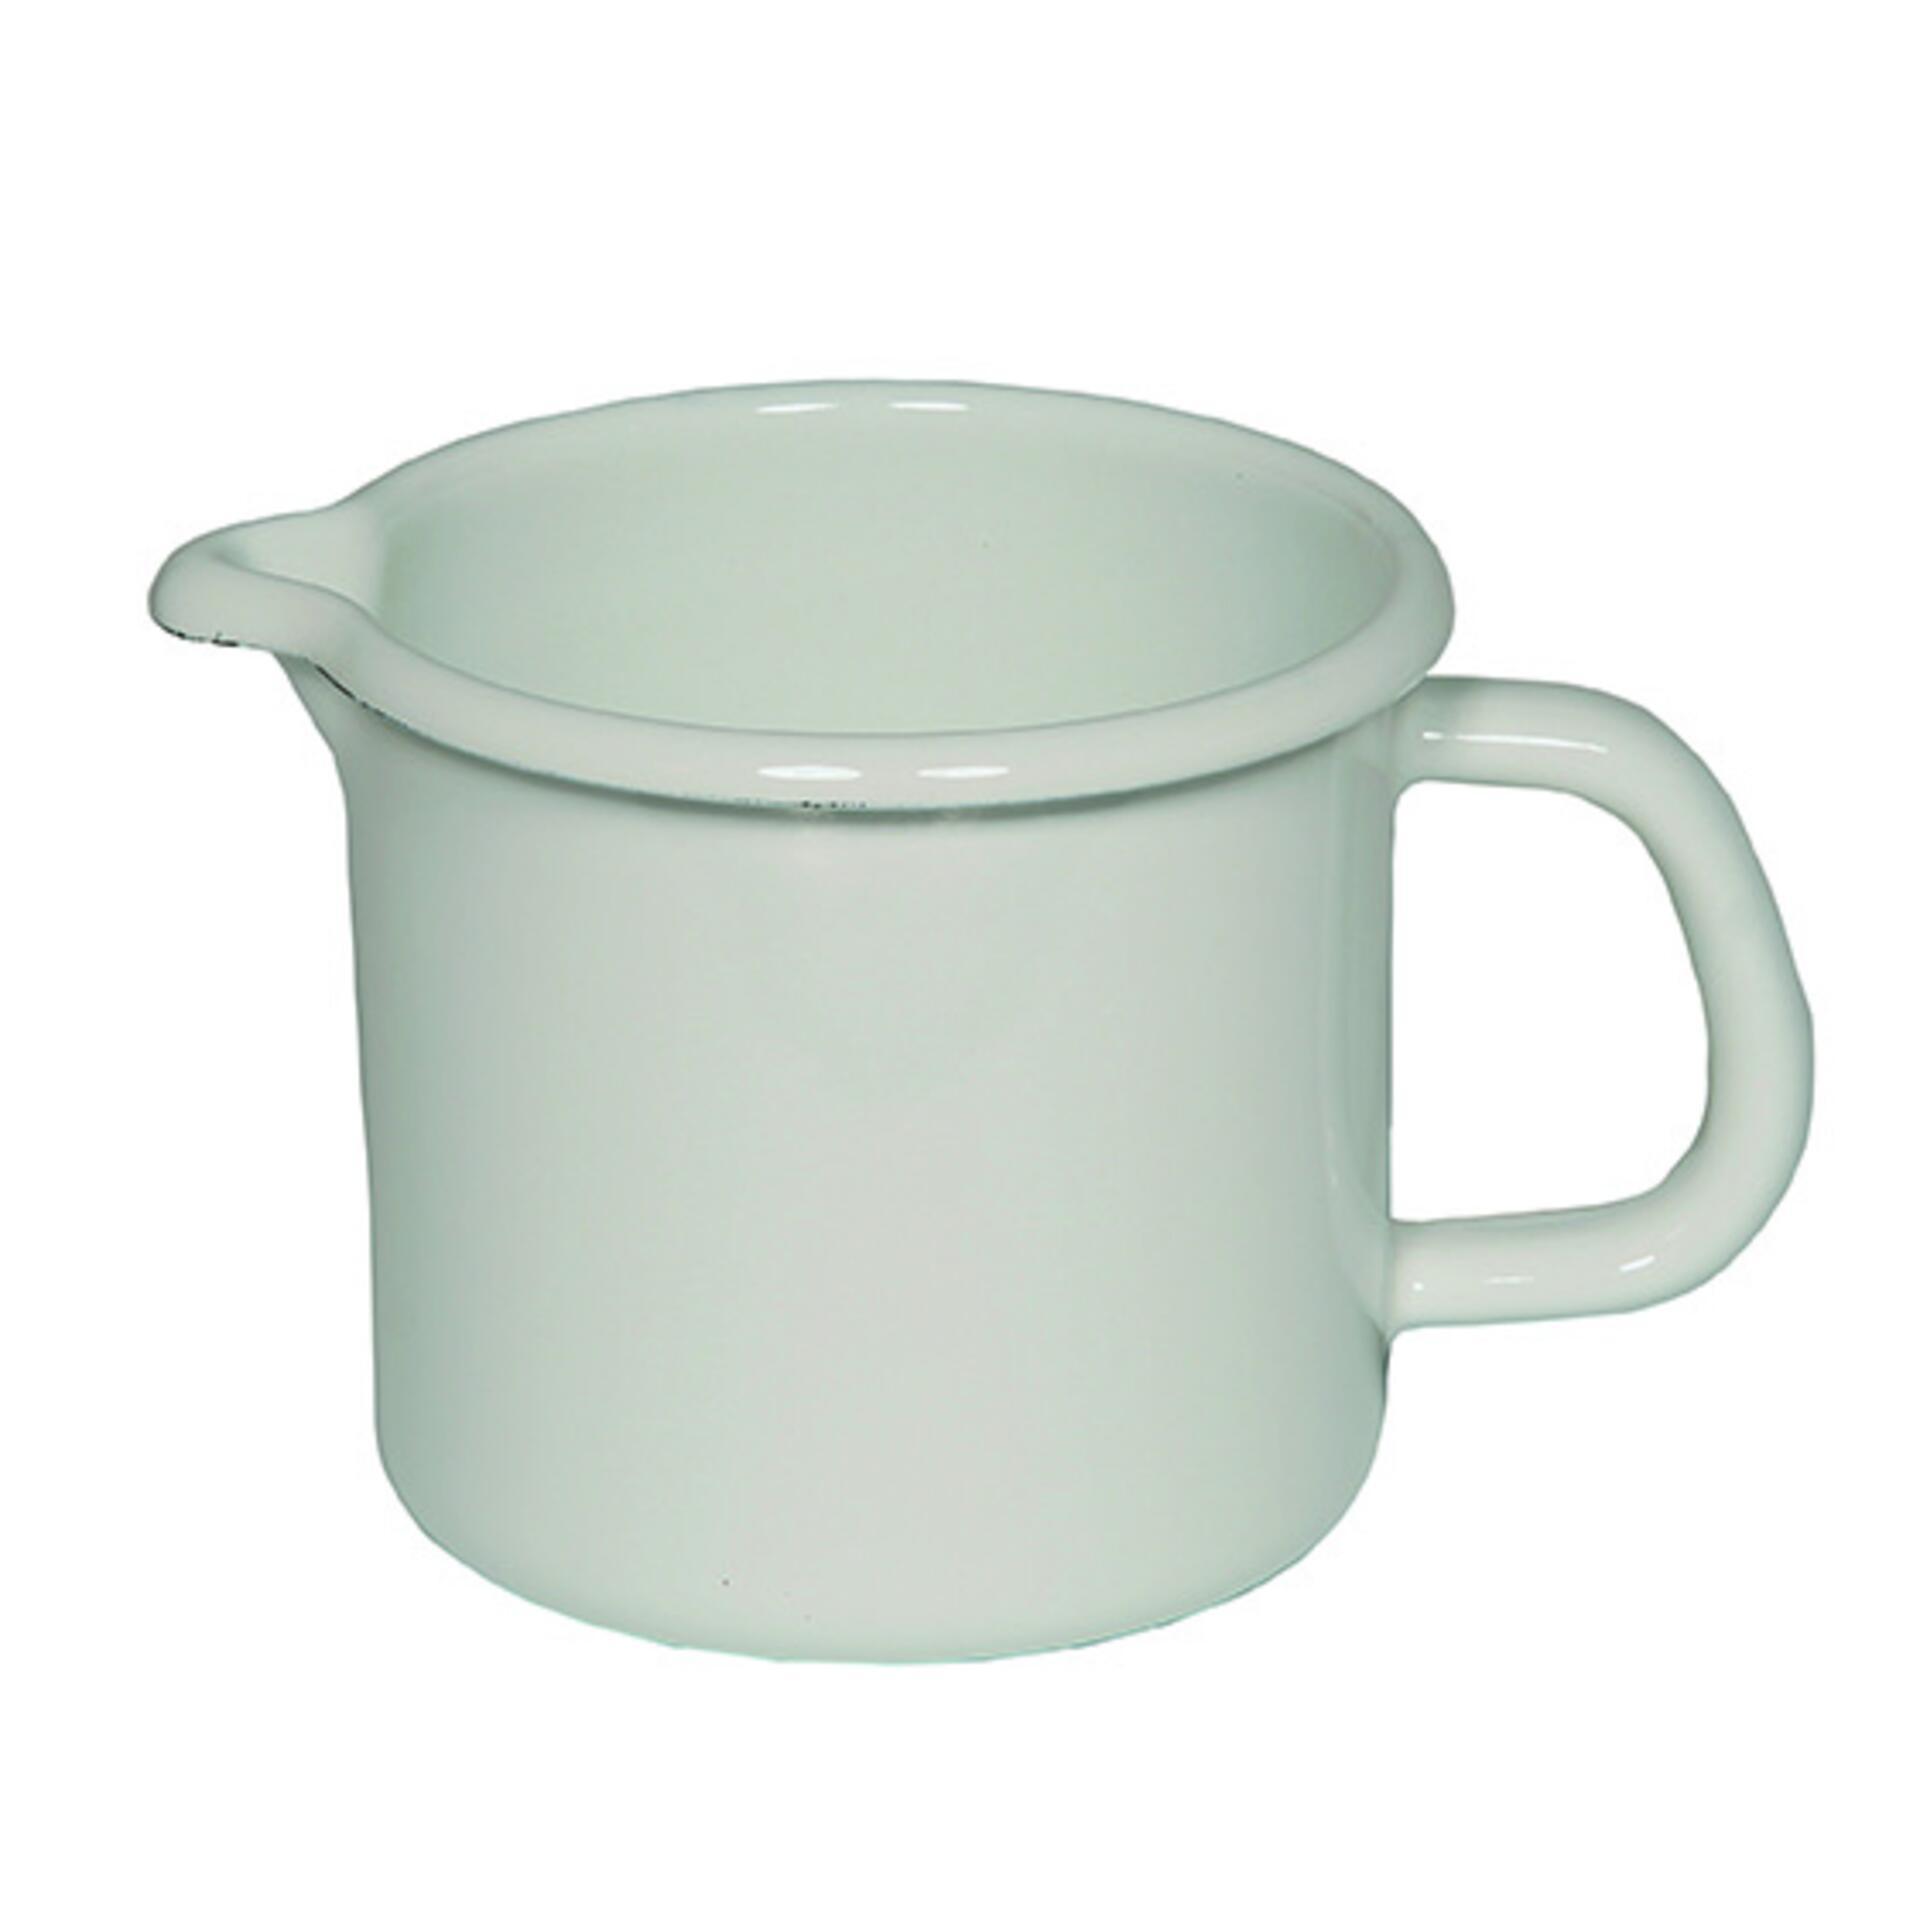 Riess Schnabeltopf 1,7 Liter Weiss